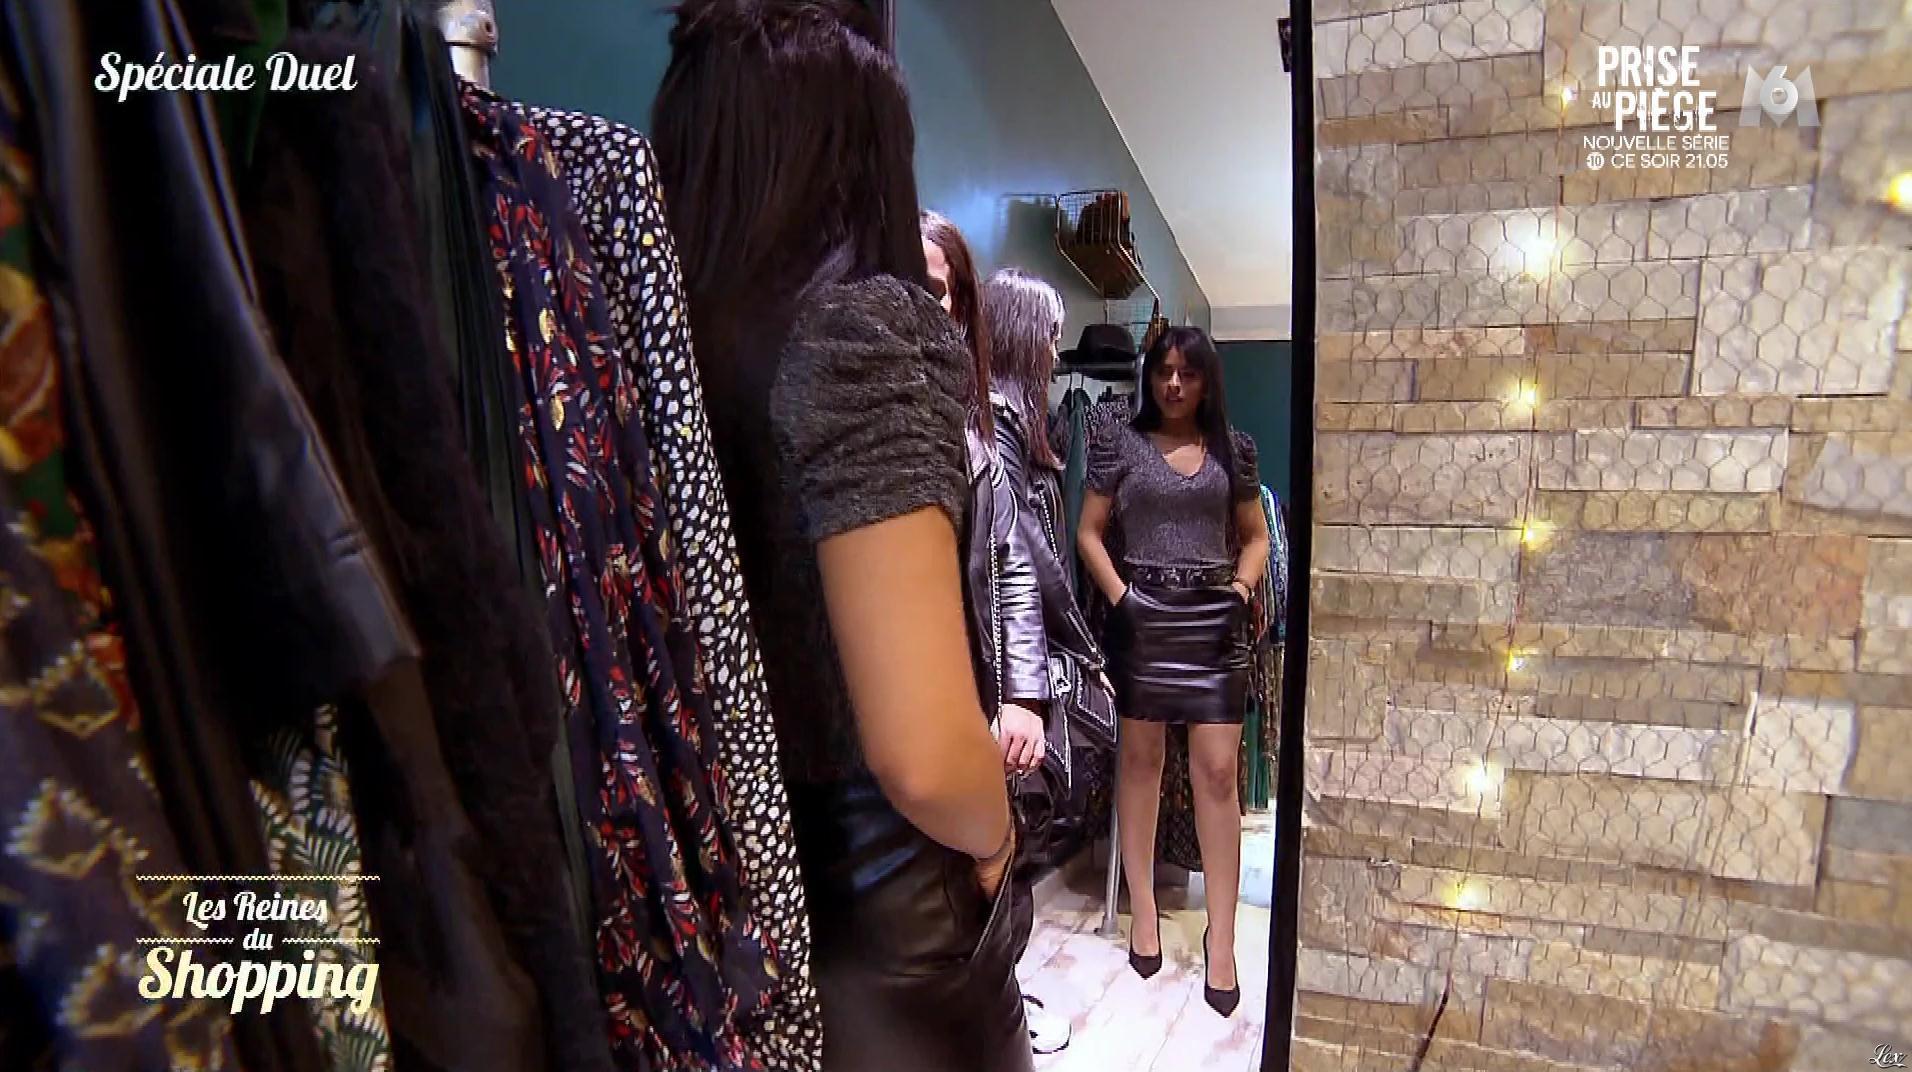 Une Candidate dans les Reines du Shopping. Diffusé à la télévision le 11/12/19.